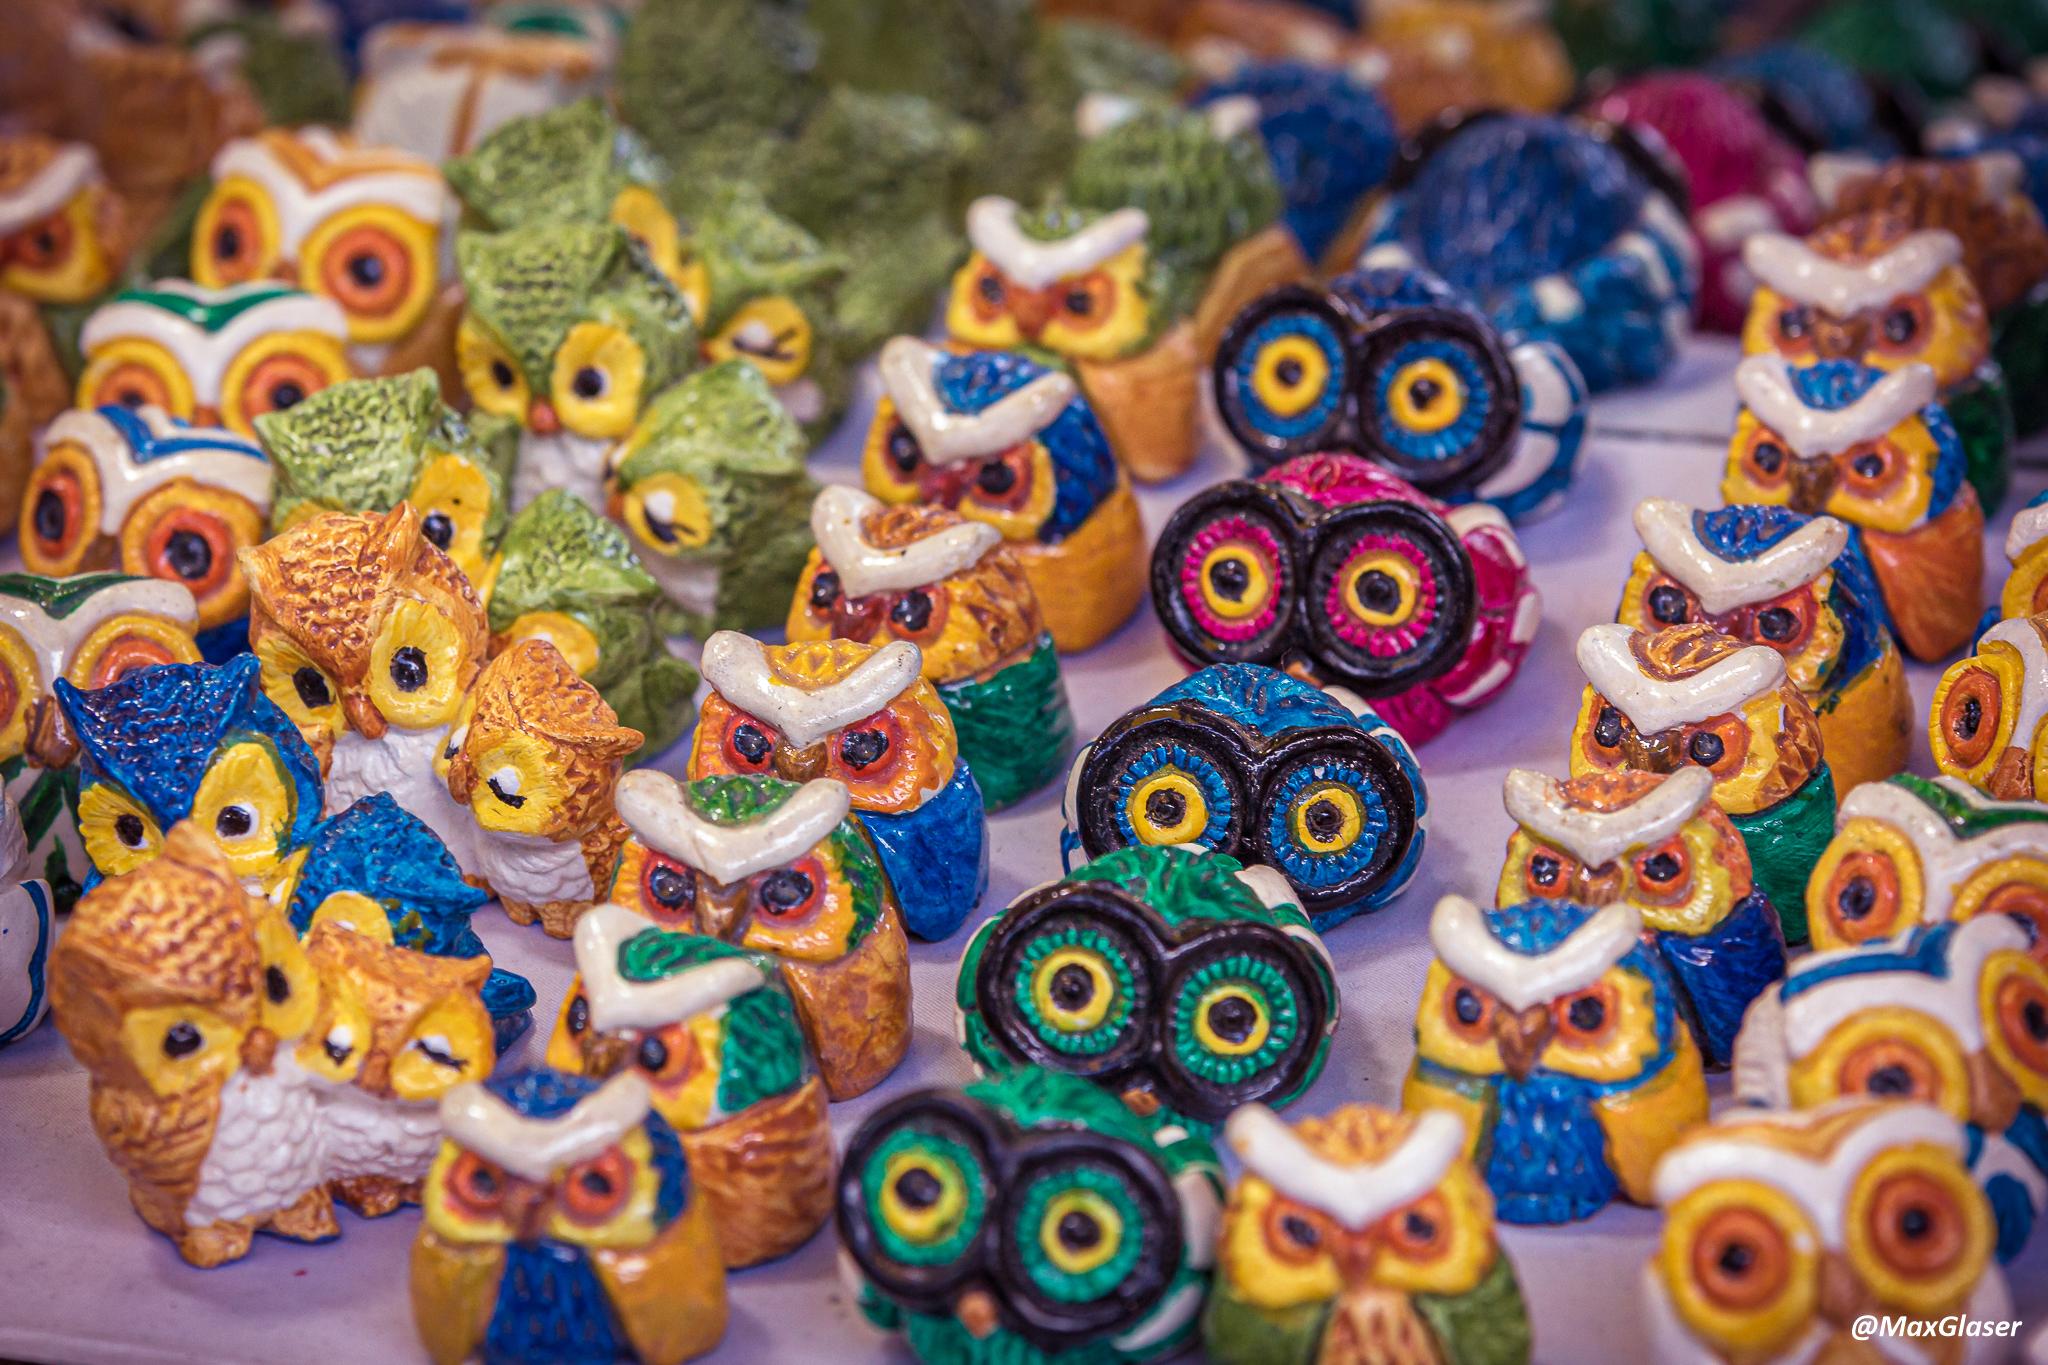 Feria de Alasita 2020 - Buhos